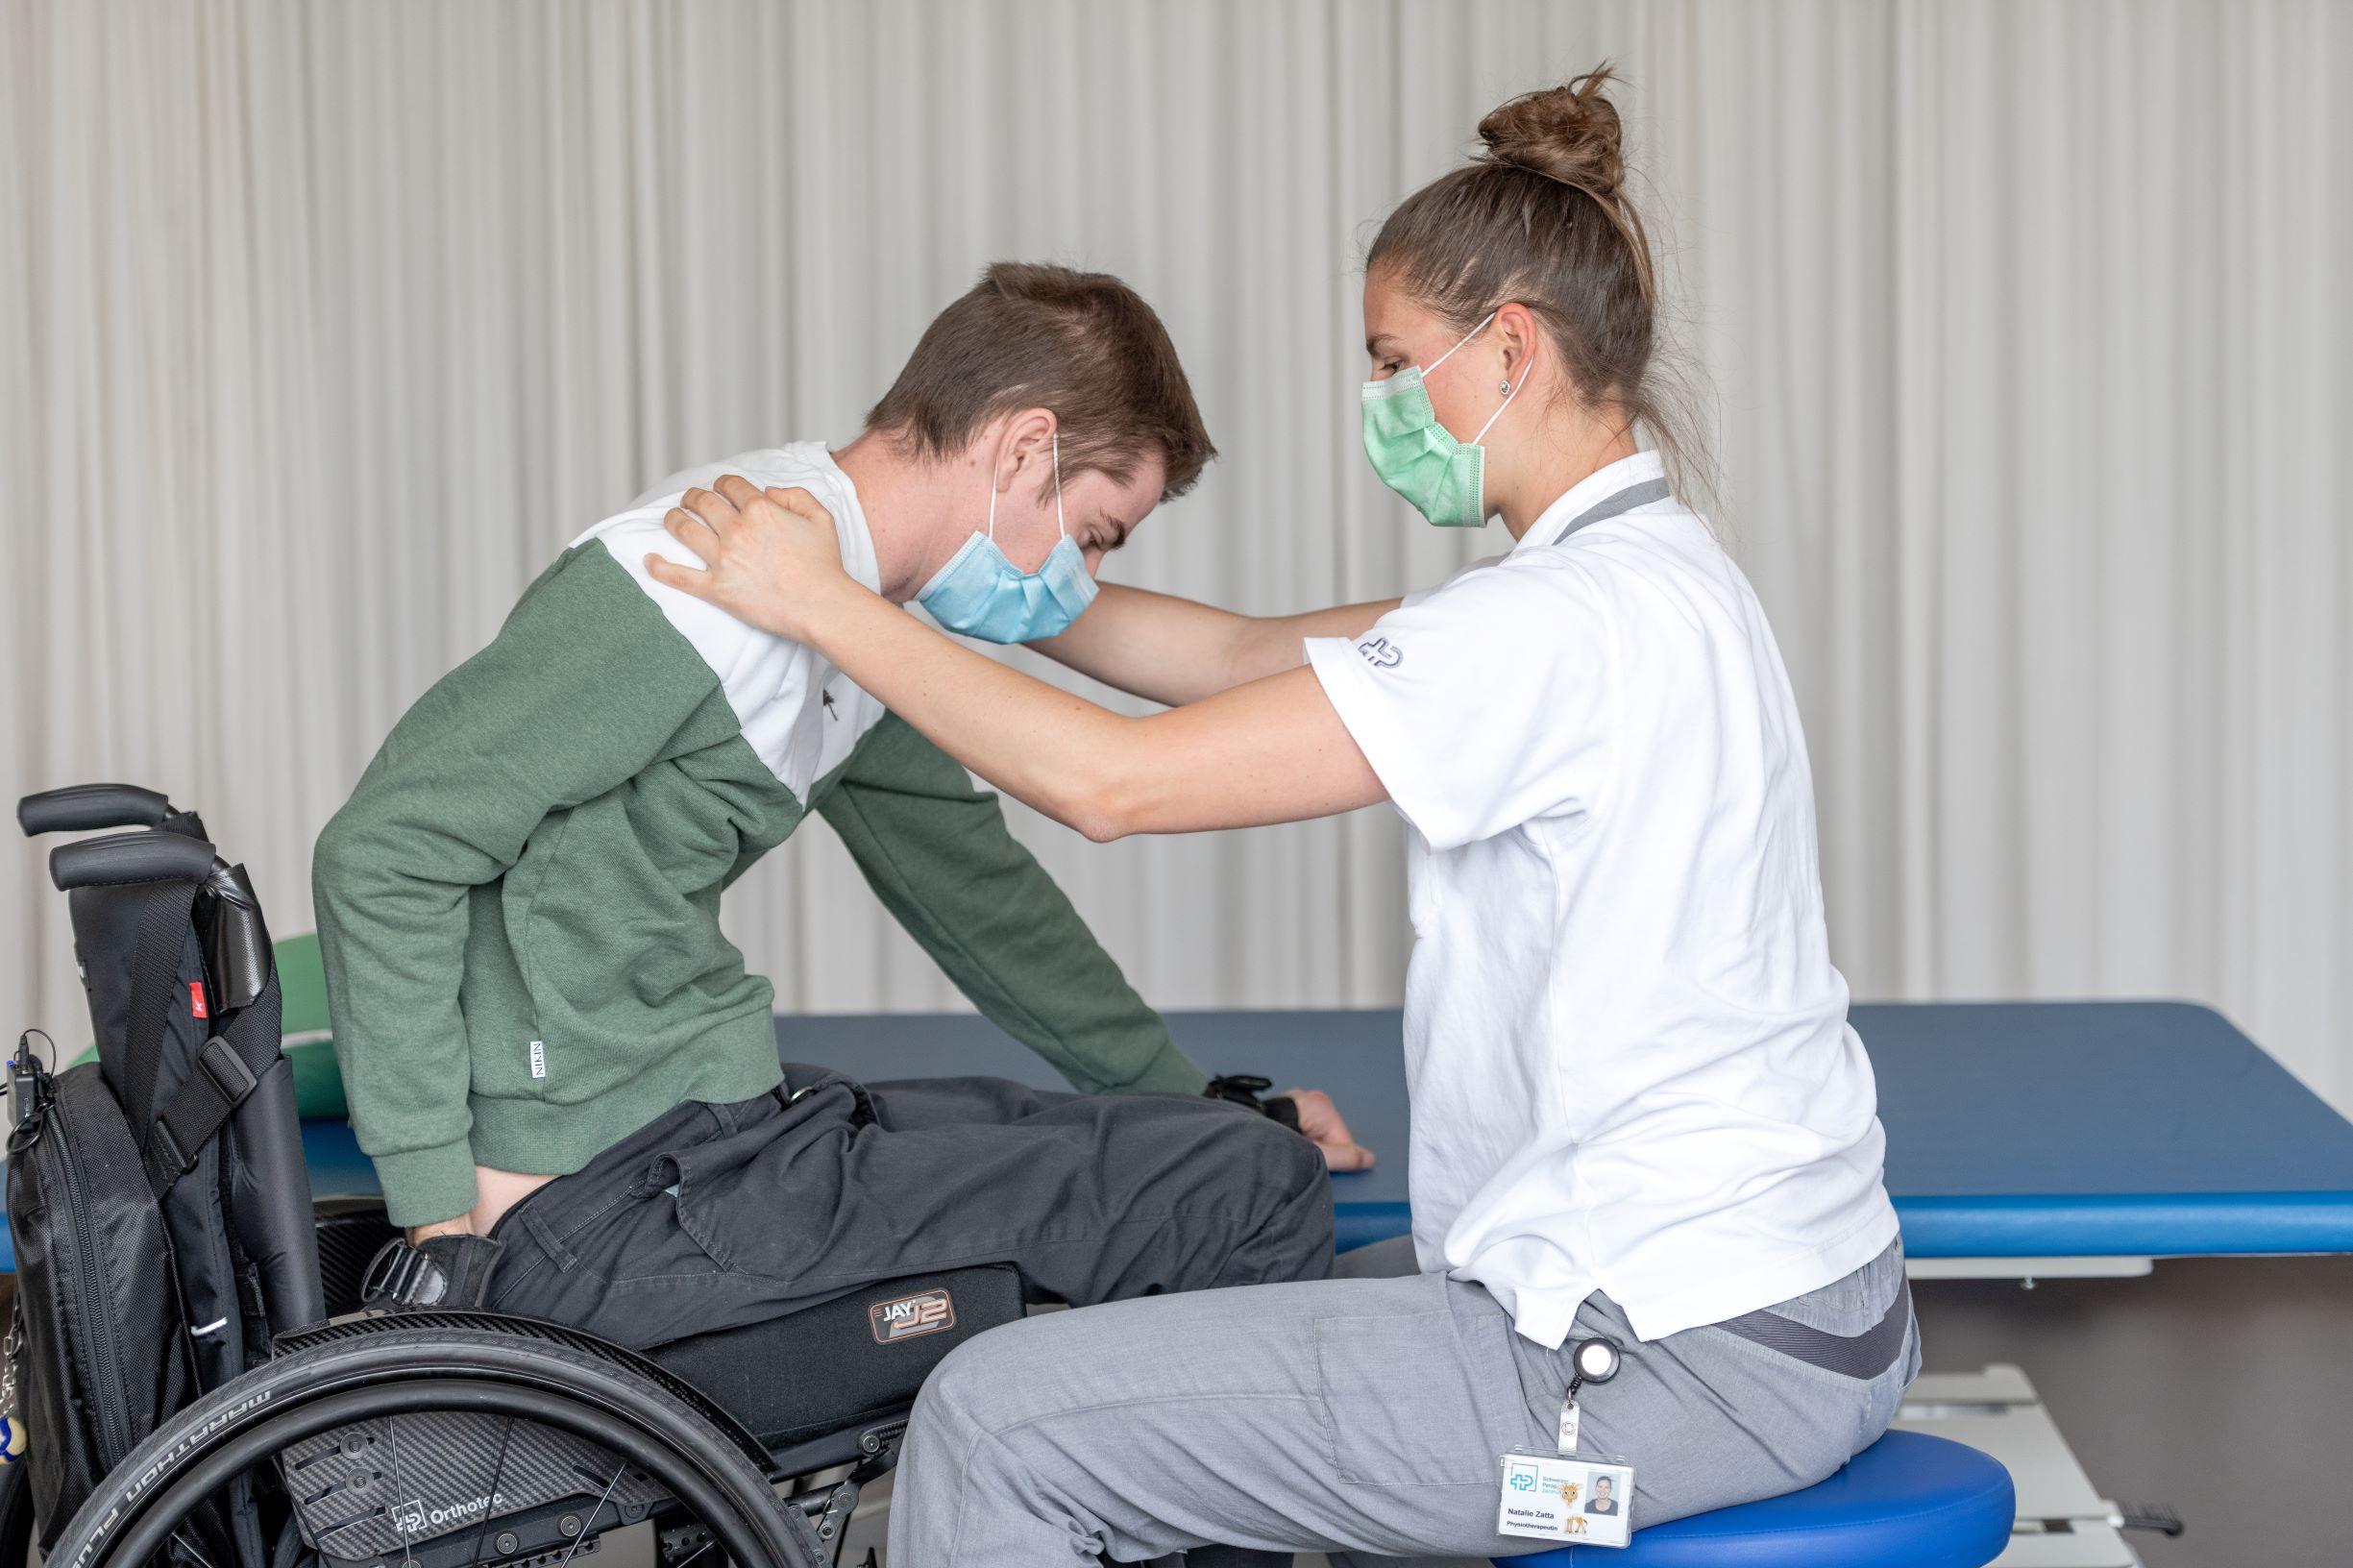 Nico bei der Physiotherapie im Schweizer Paraplegiker-Zentrum